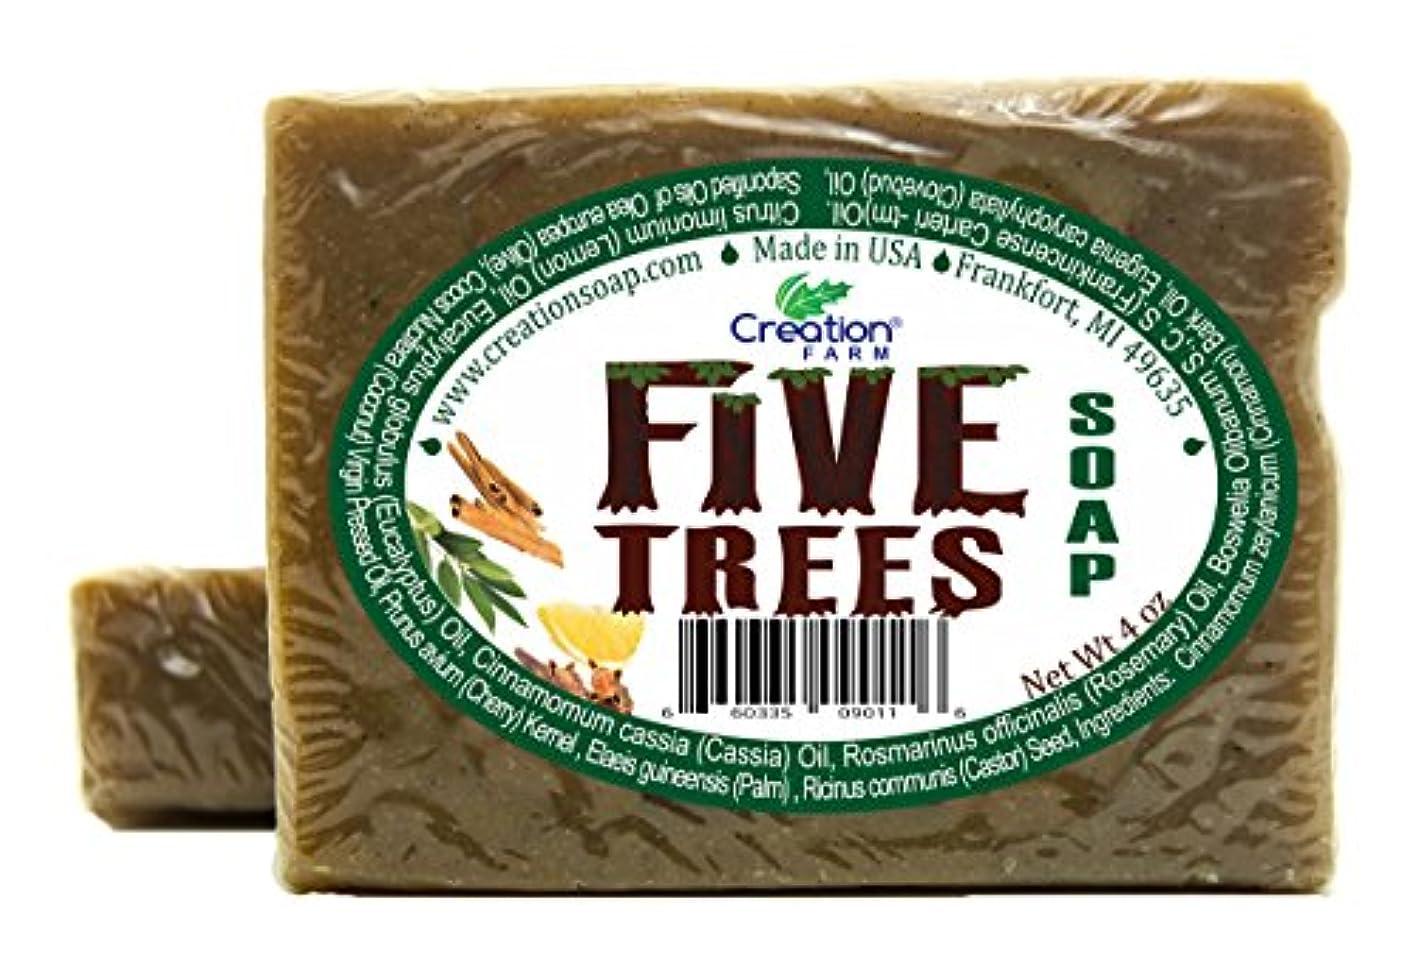 サイレント見分ける哺乳類Creation Farm Five Trees - 手作り石鹸 8オンス (2-4オンス バーパック) シナモン、フランキンセンス、クローブ、レモン、ユーカリ、ローズマリー アロマテラピーエッセンシャルオイル 洗髪、保冷...